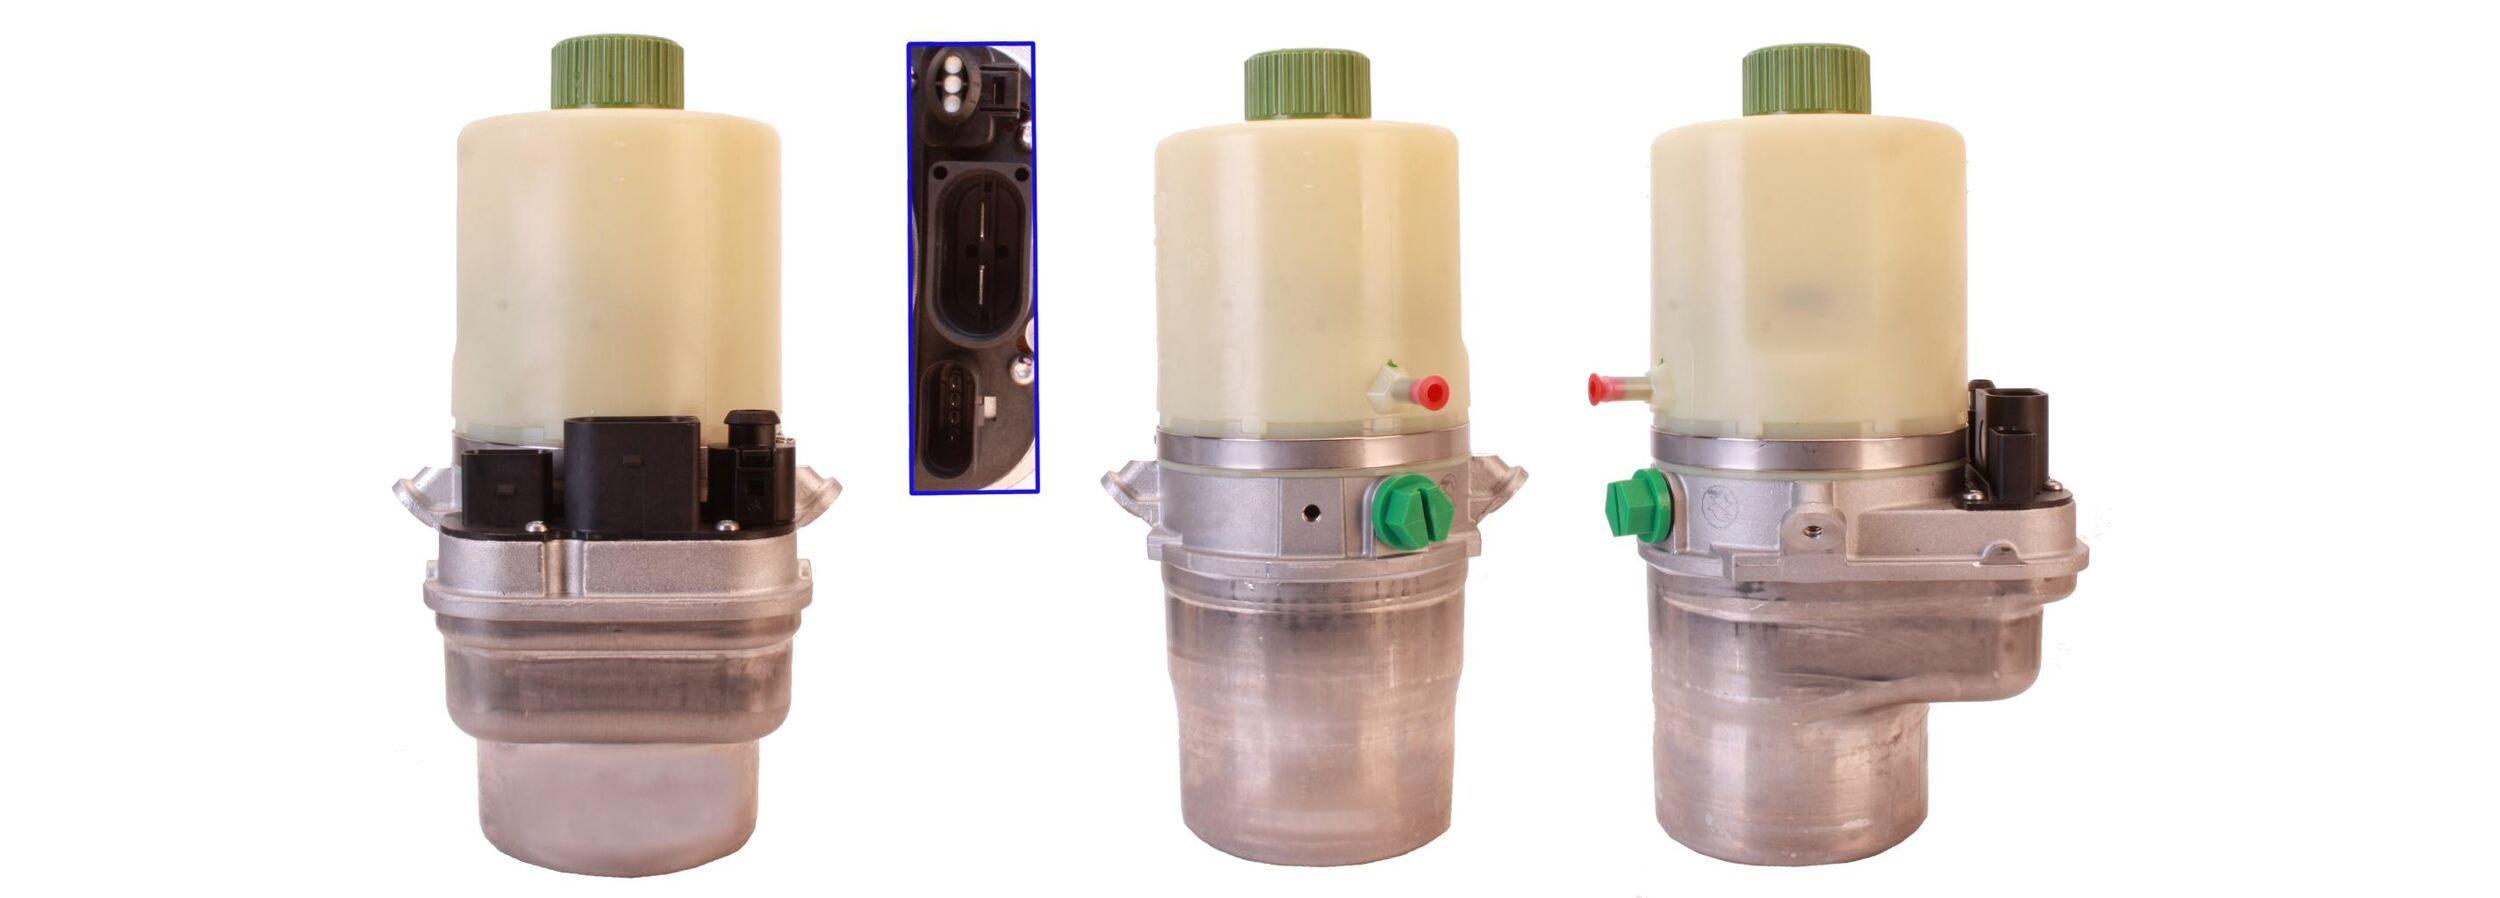 Hydrauliikkapumppu, ohjaus 19-0247 ostaa - 24/7!